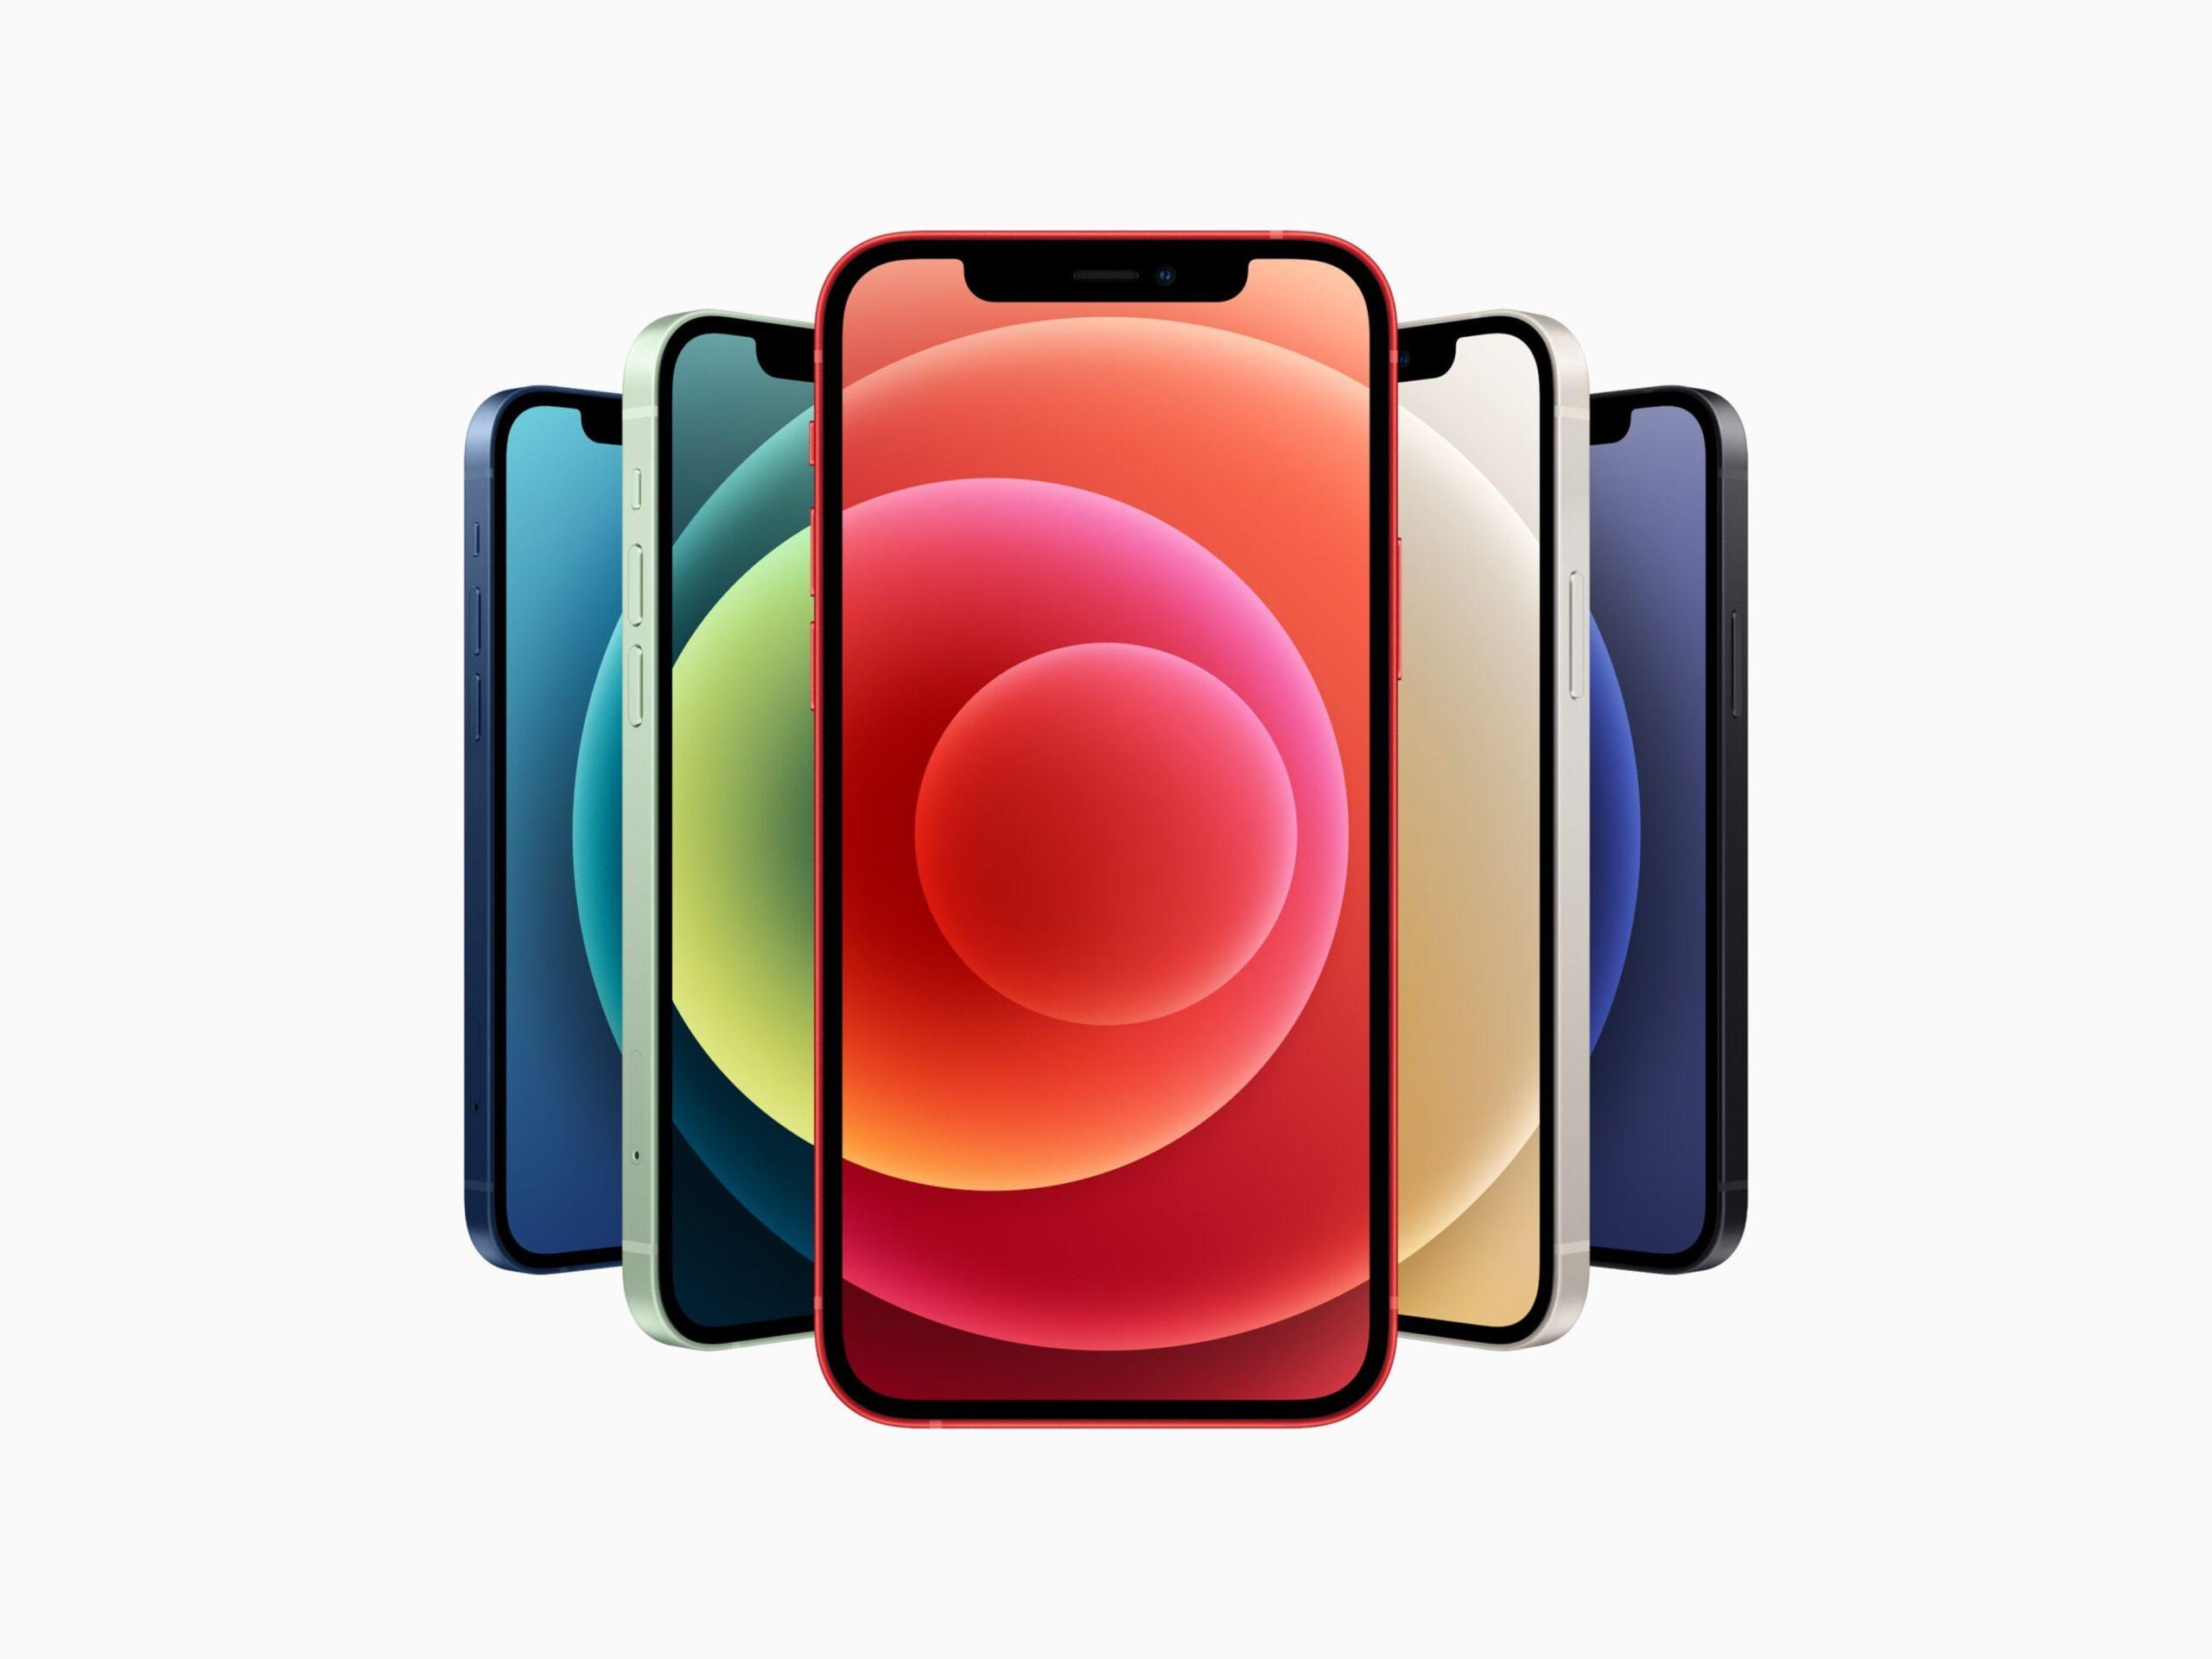 Apple iPhone 14 может не работать на 3-нм чипсете из-за производственных проблем TSMC